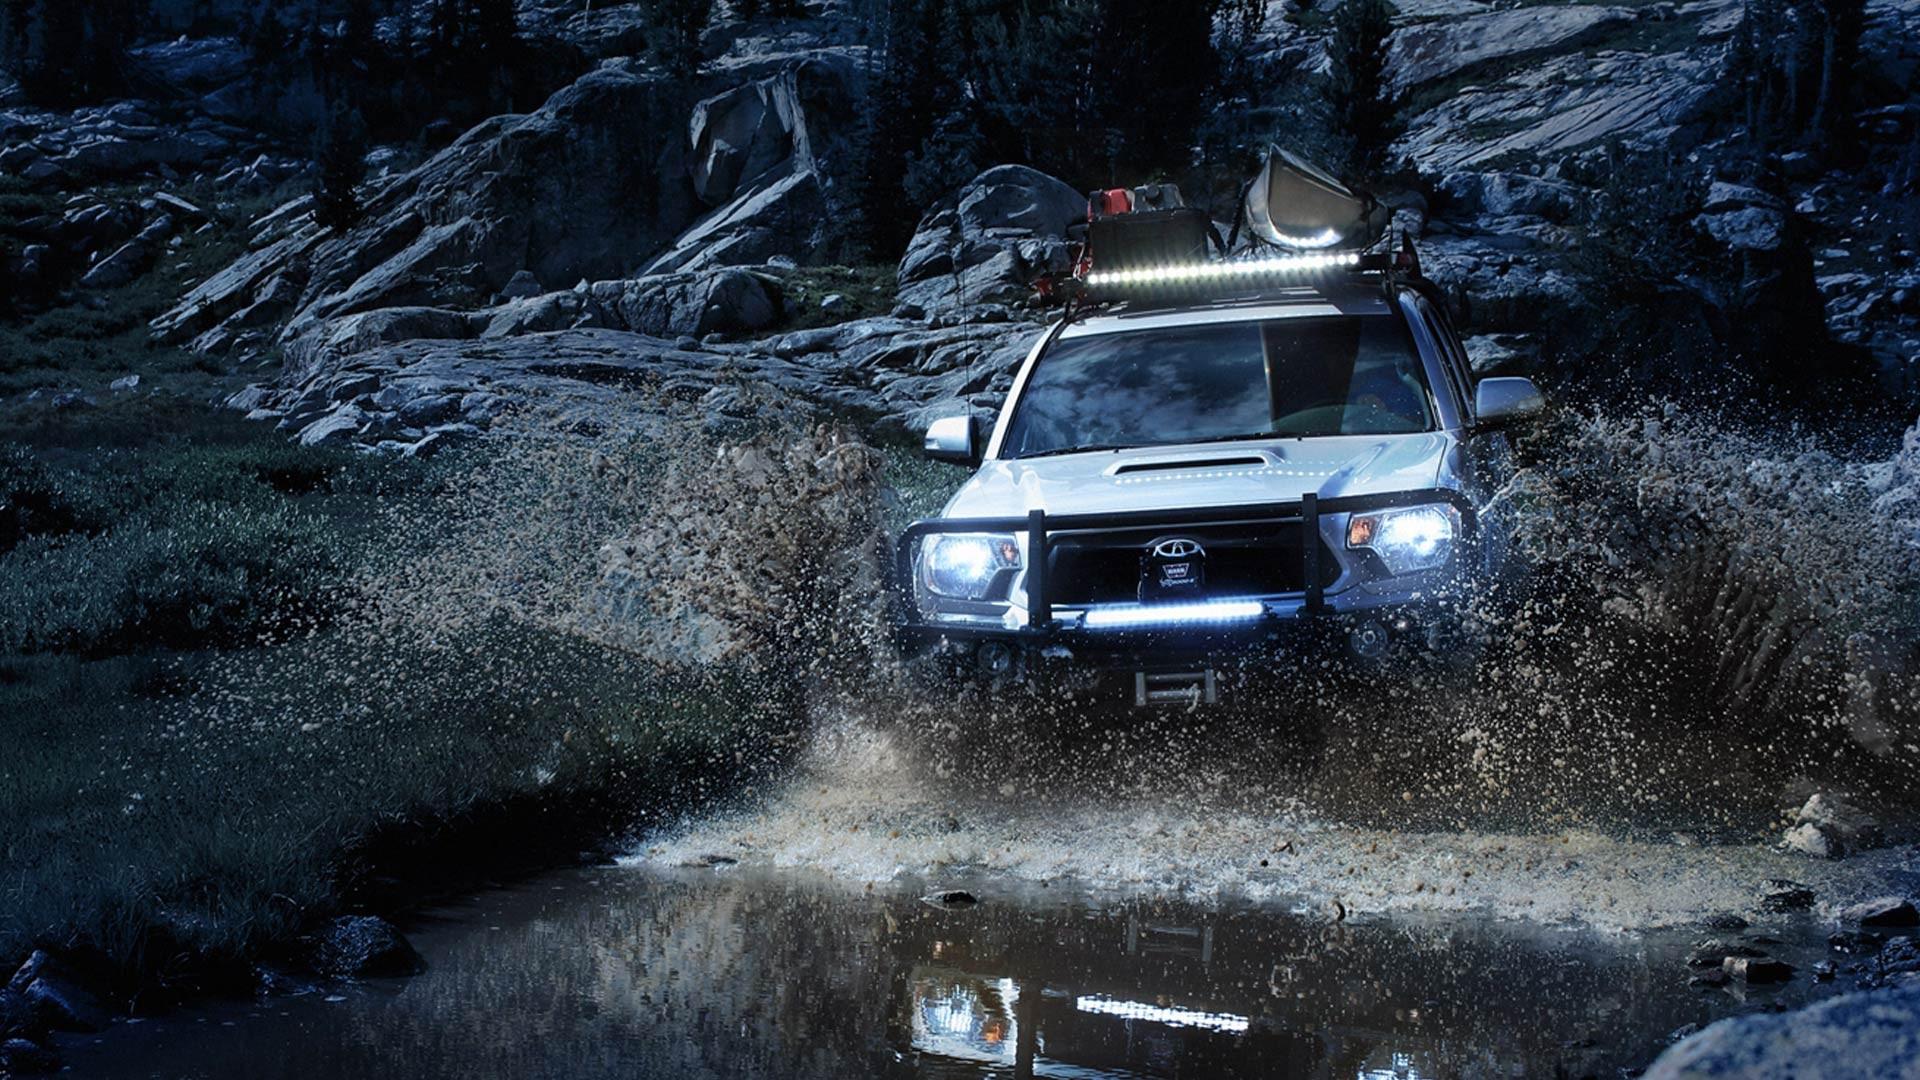 Front Runner 4runner in the mud.jpg